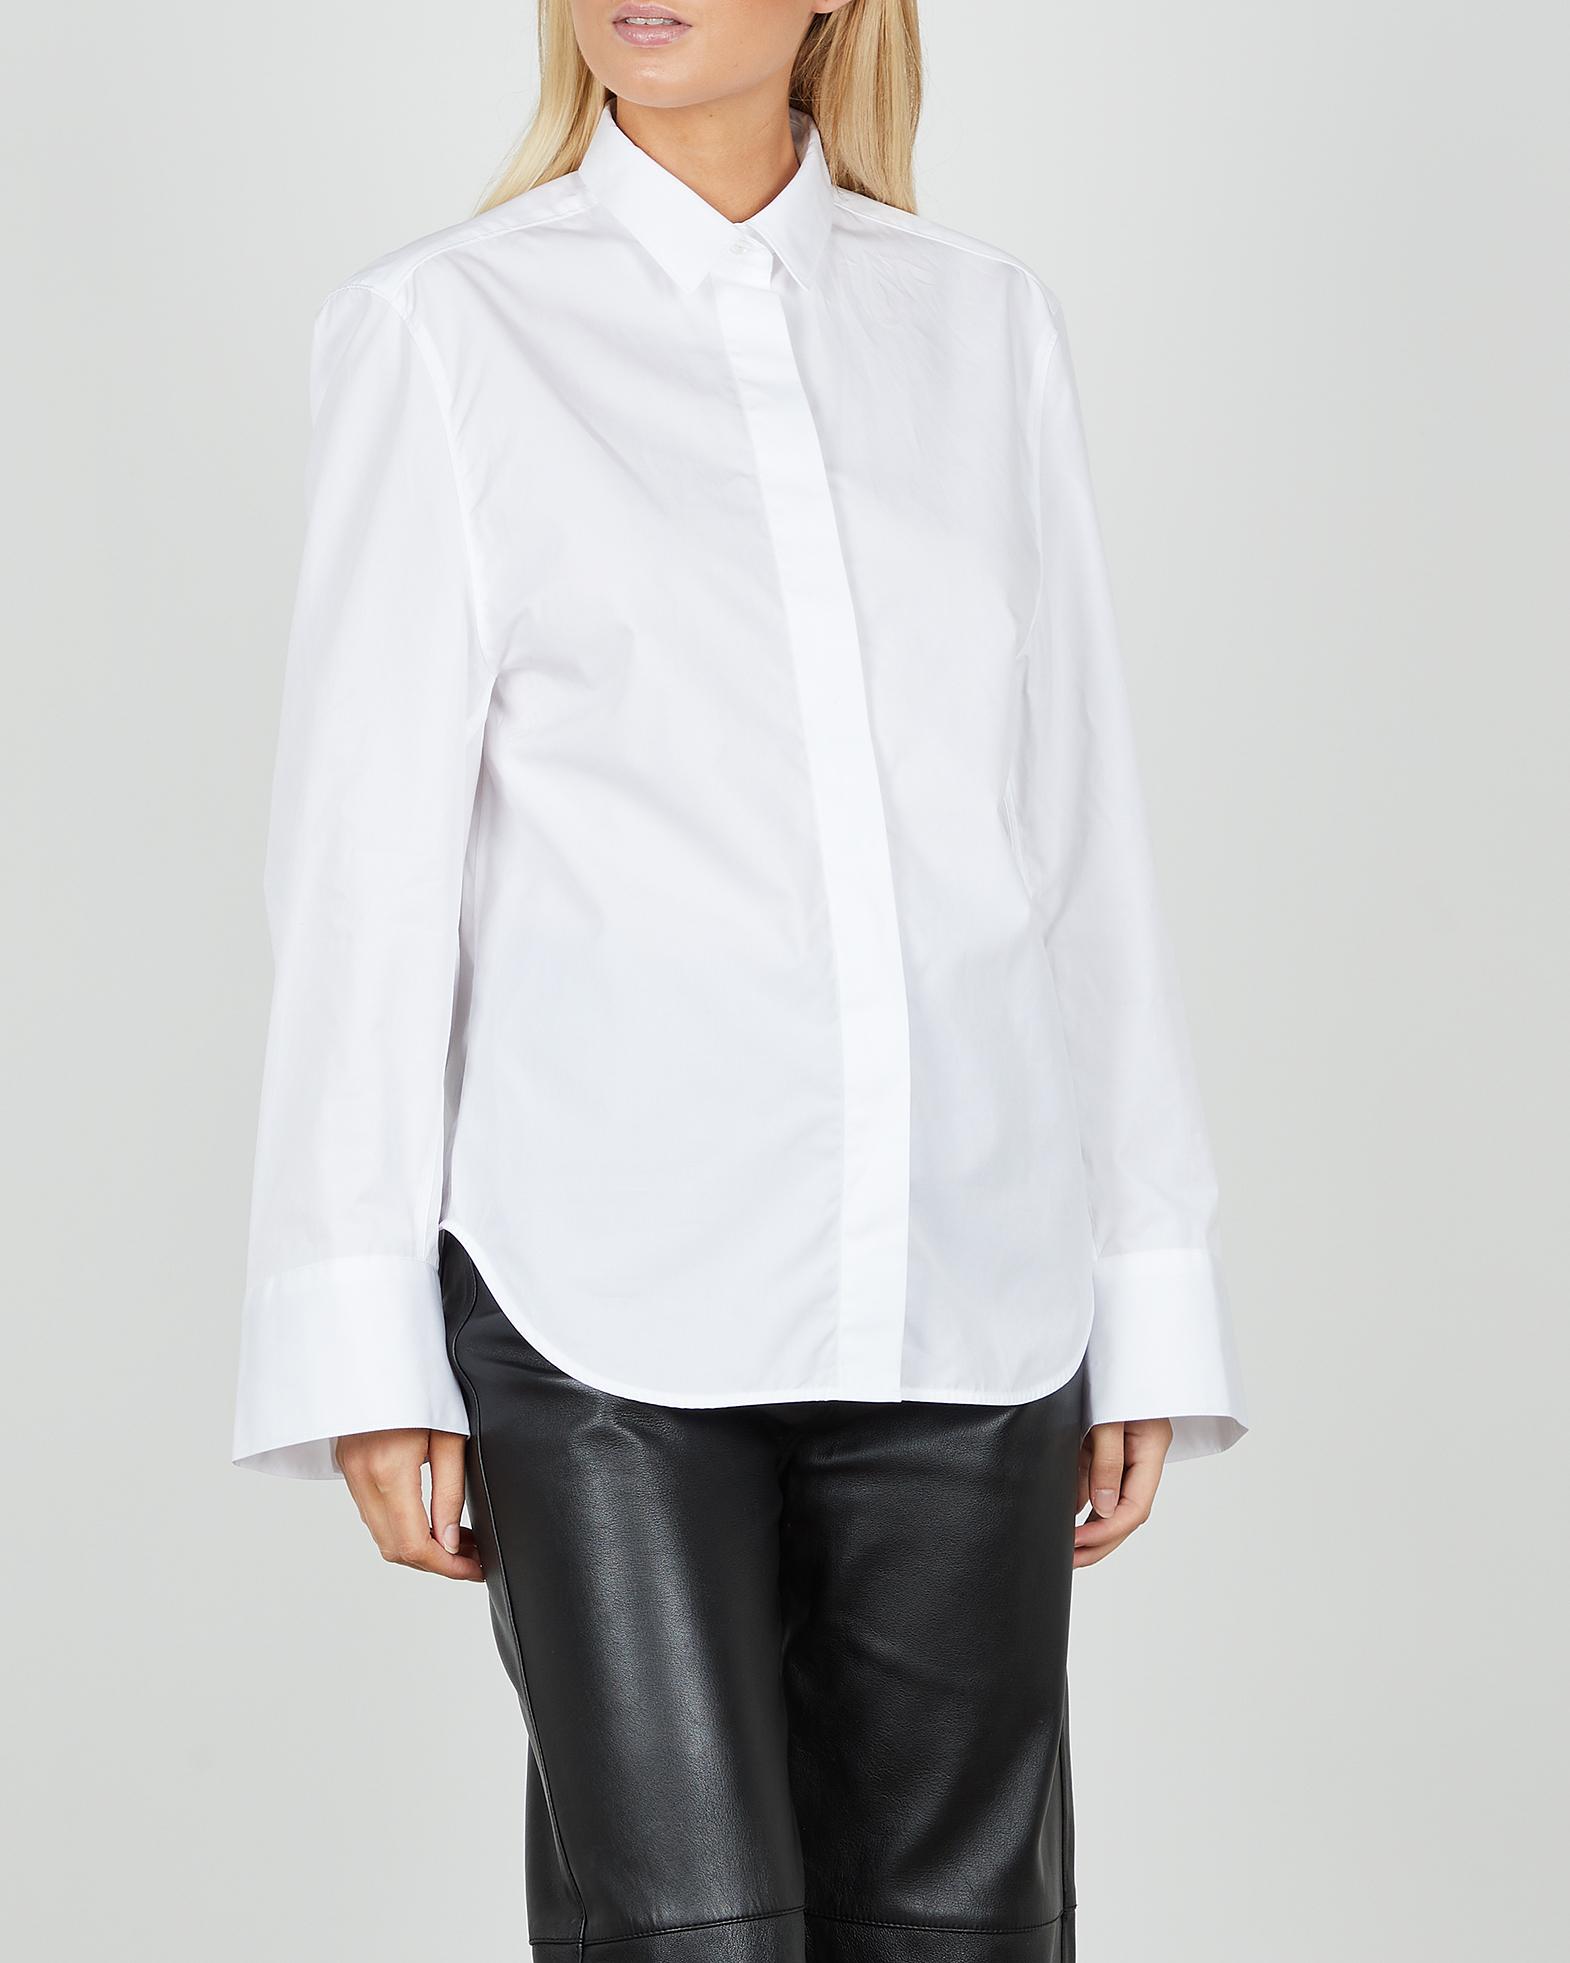 Totême Skjorta Wide Sleeve vit 32